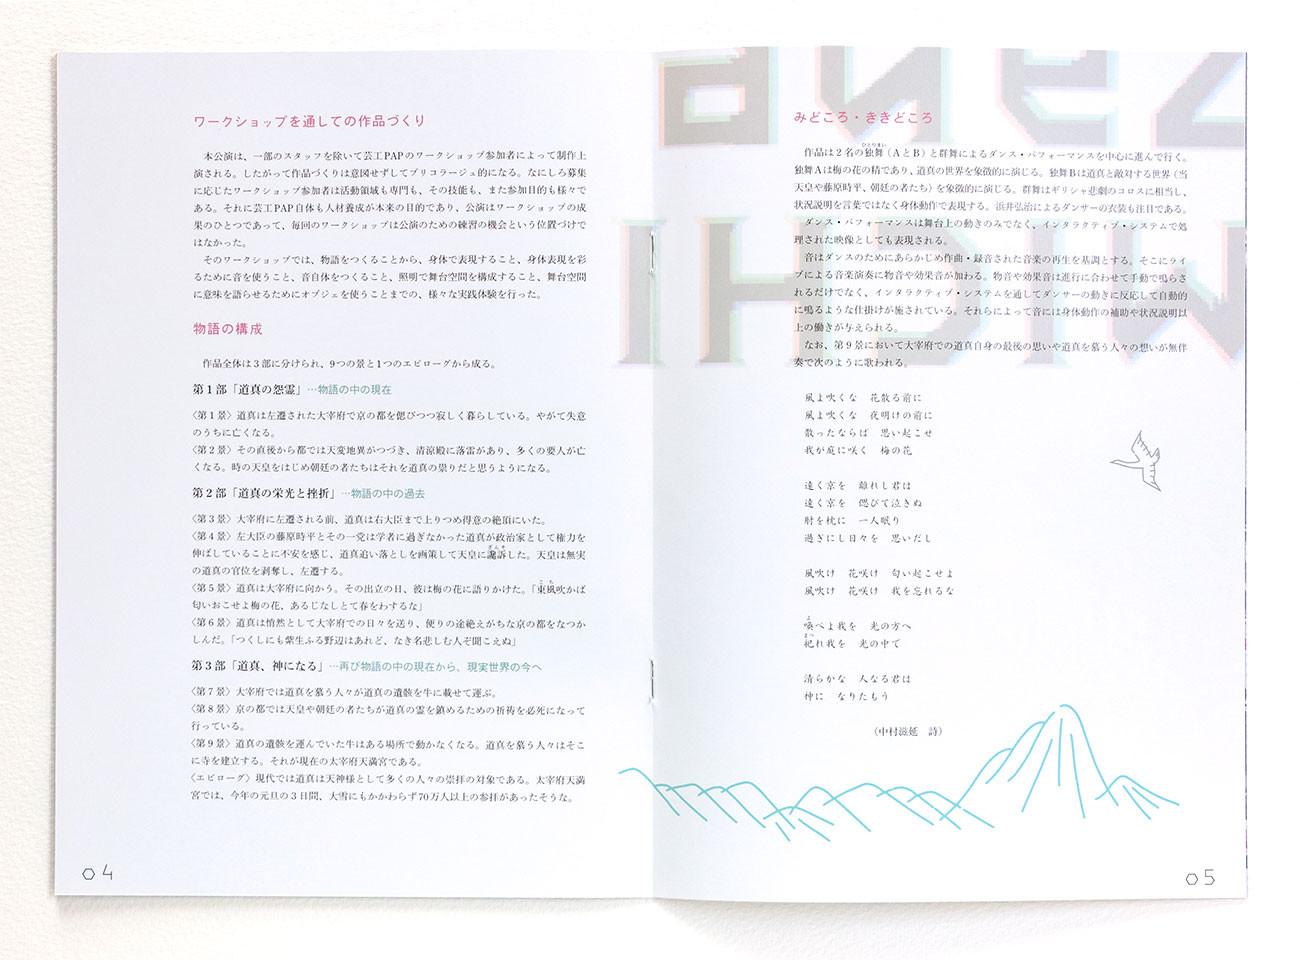 2015_michizane_program_IMG_1768.JPG